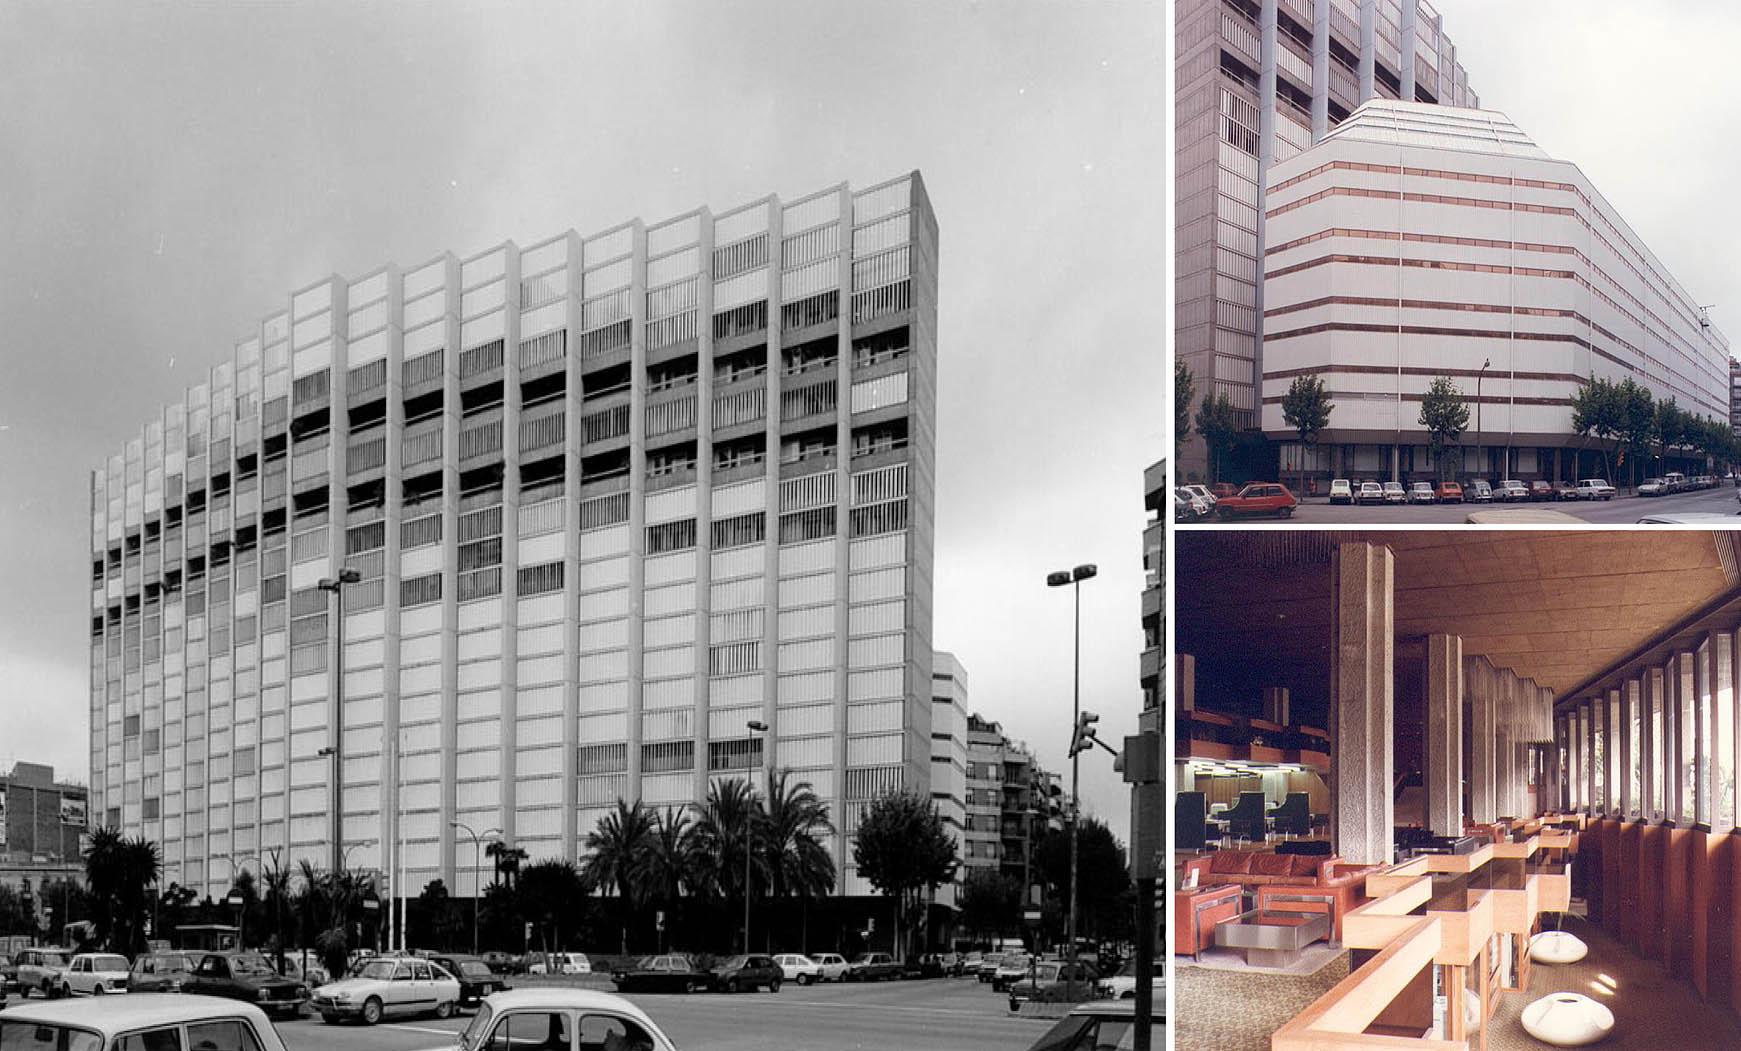 Edificio Central Telefónica Urbana, en avda. Roma, Barcelona (1975), en colab. con Francesc Mitjans